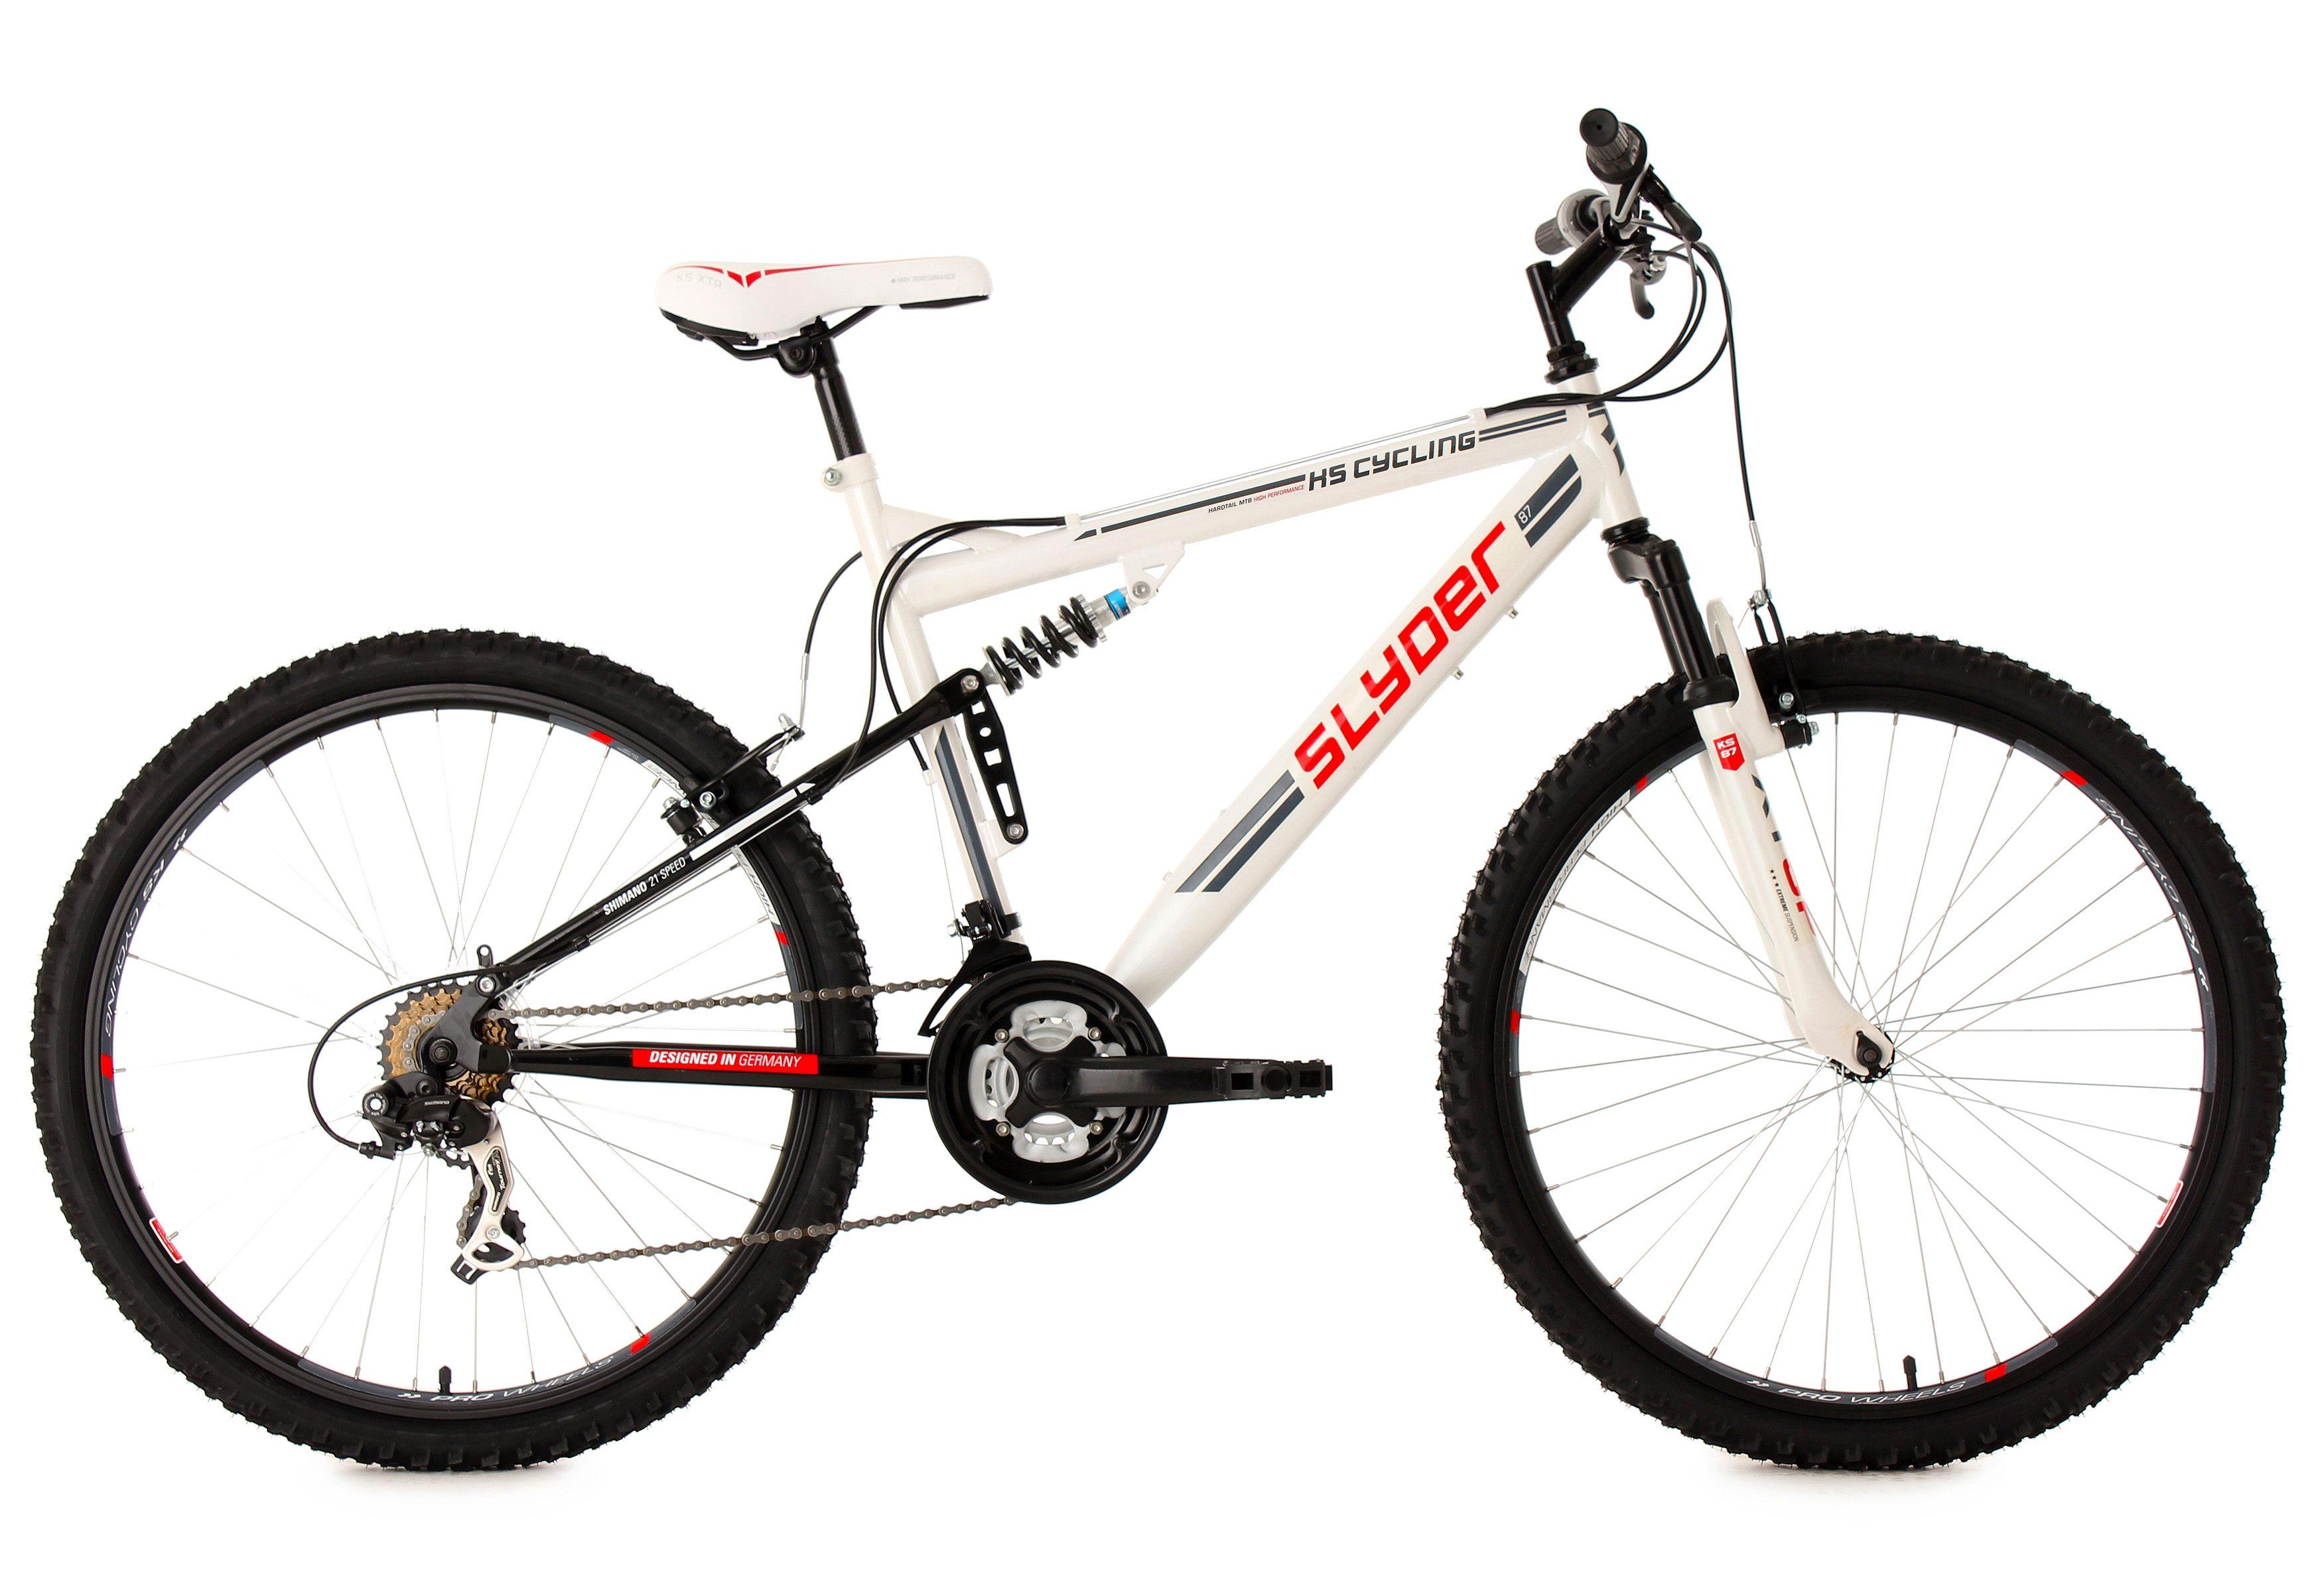 Fully-Mountainbike, 26 Zoll, weiß, 21 Gang Kettenschaltung, »Slyder«, KS Cycling